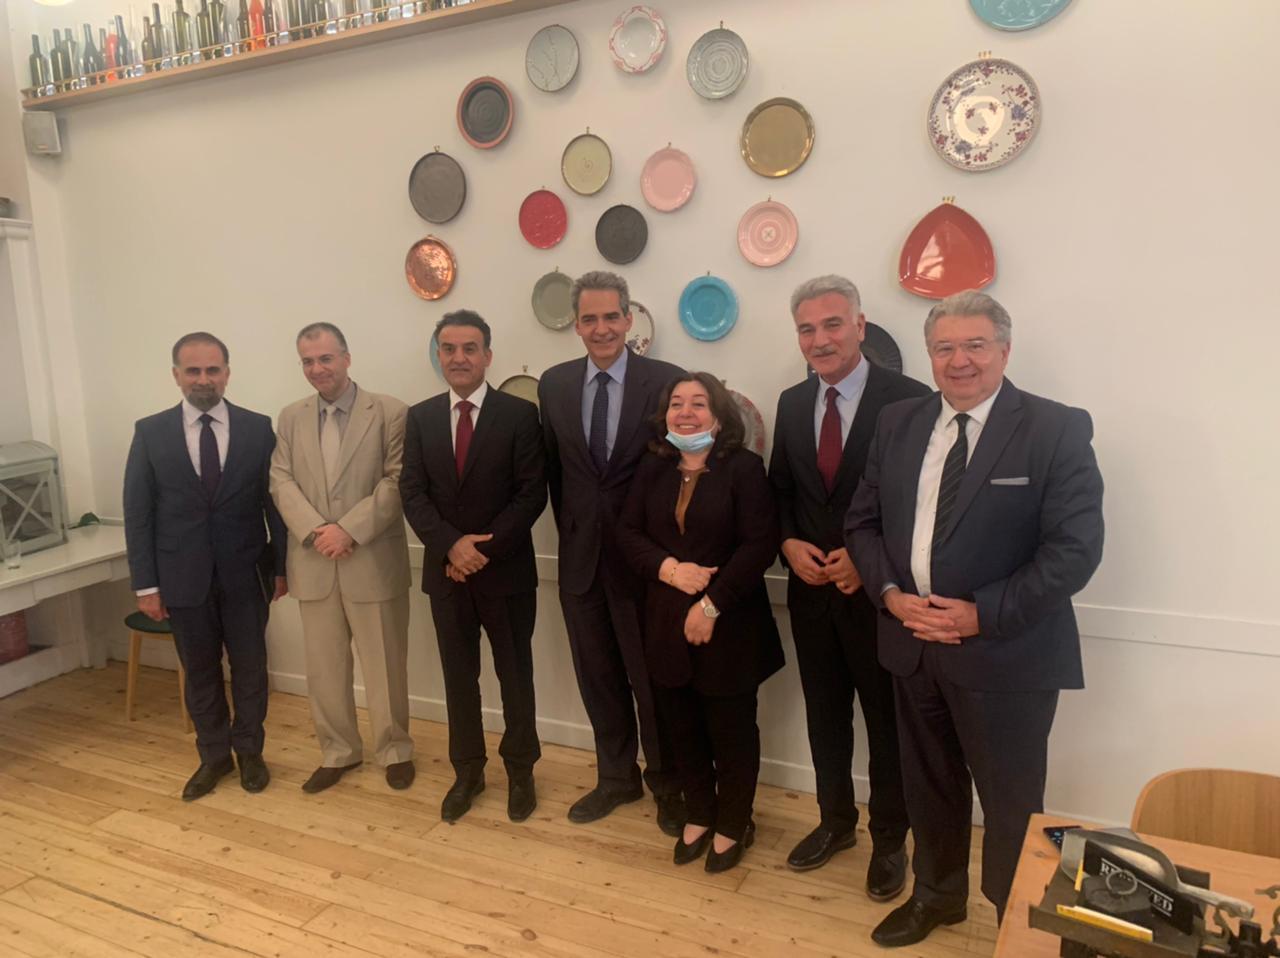 Ο Υπουργός Παιδείας του Κουρδιστάν σε επίσημη επίσκεψη στην Ελλάδα